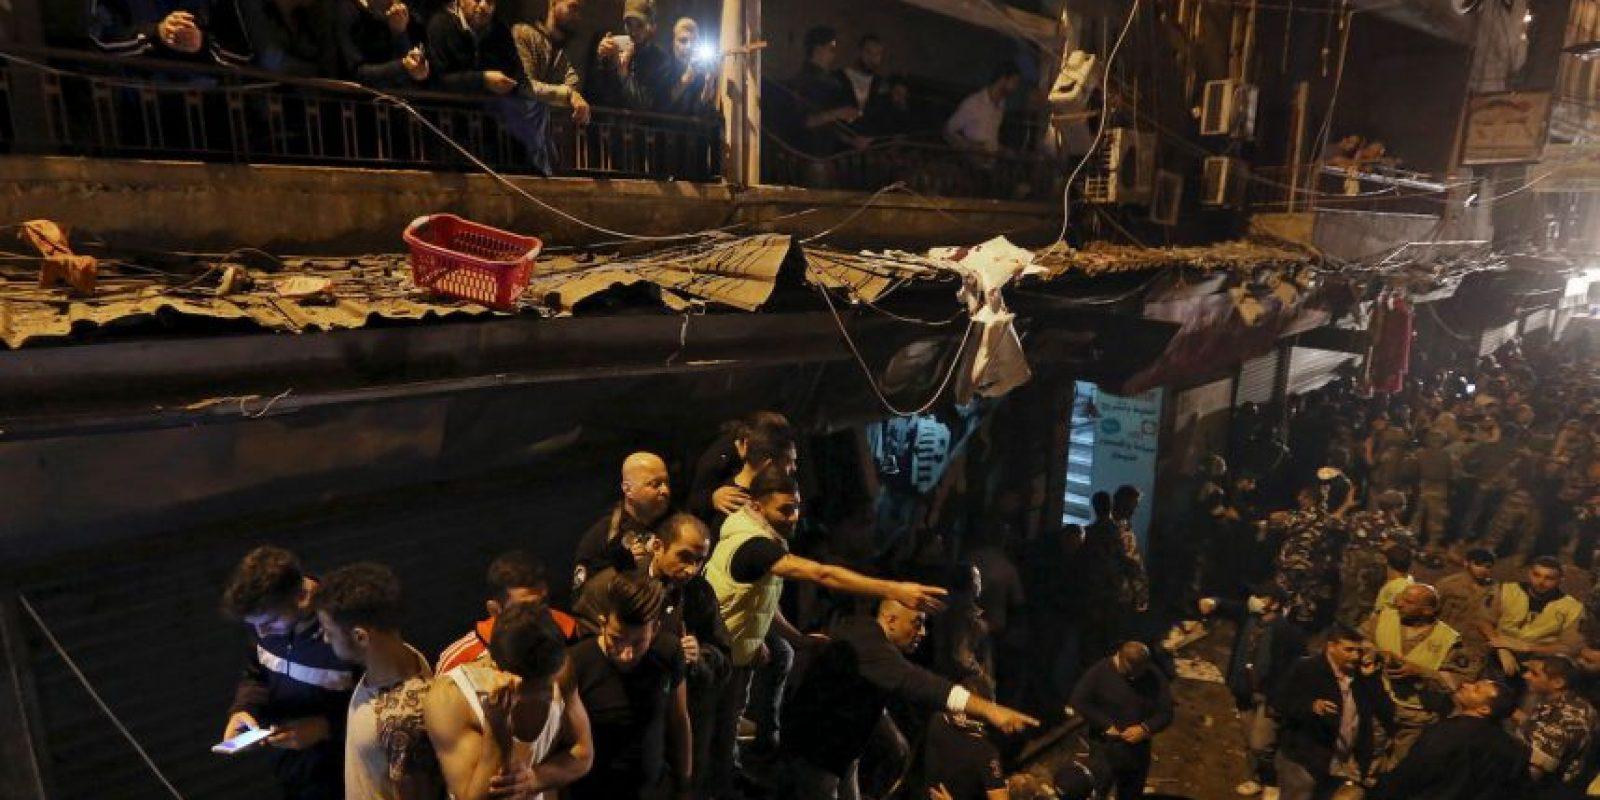 Todo ocurrió en un barrio de Beirut, Líbano. Foto:AP